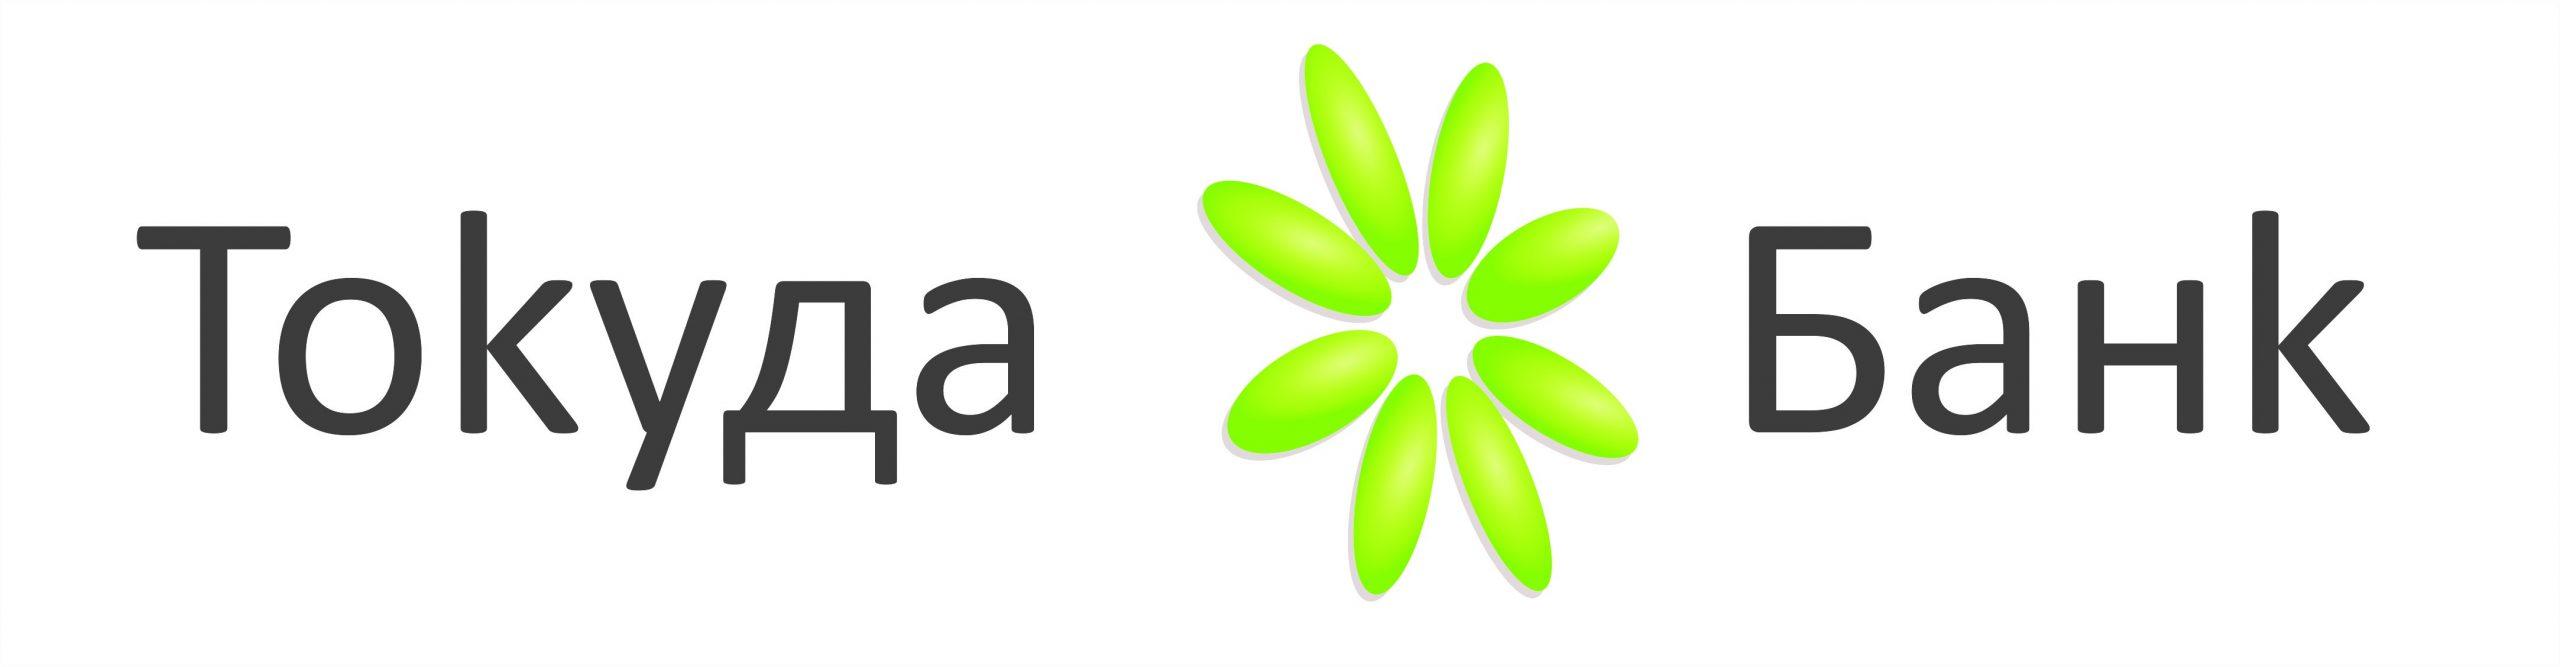 Tokuda Bank Logo in BG